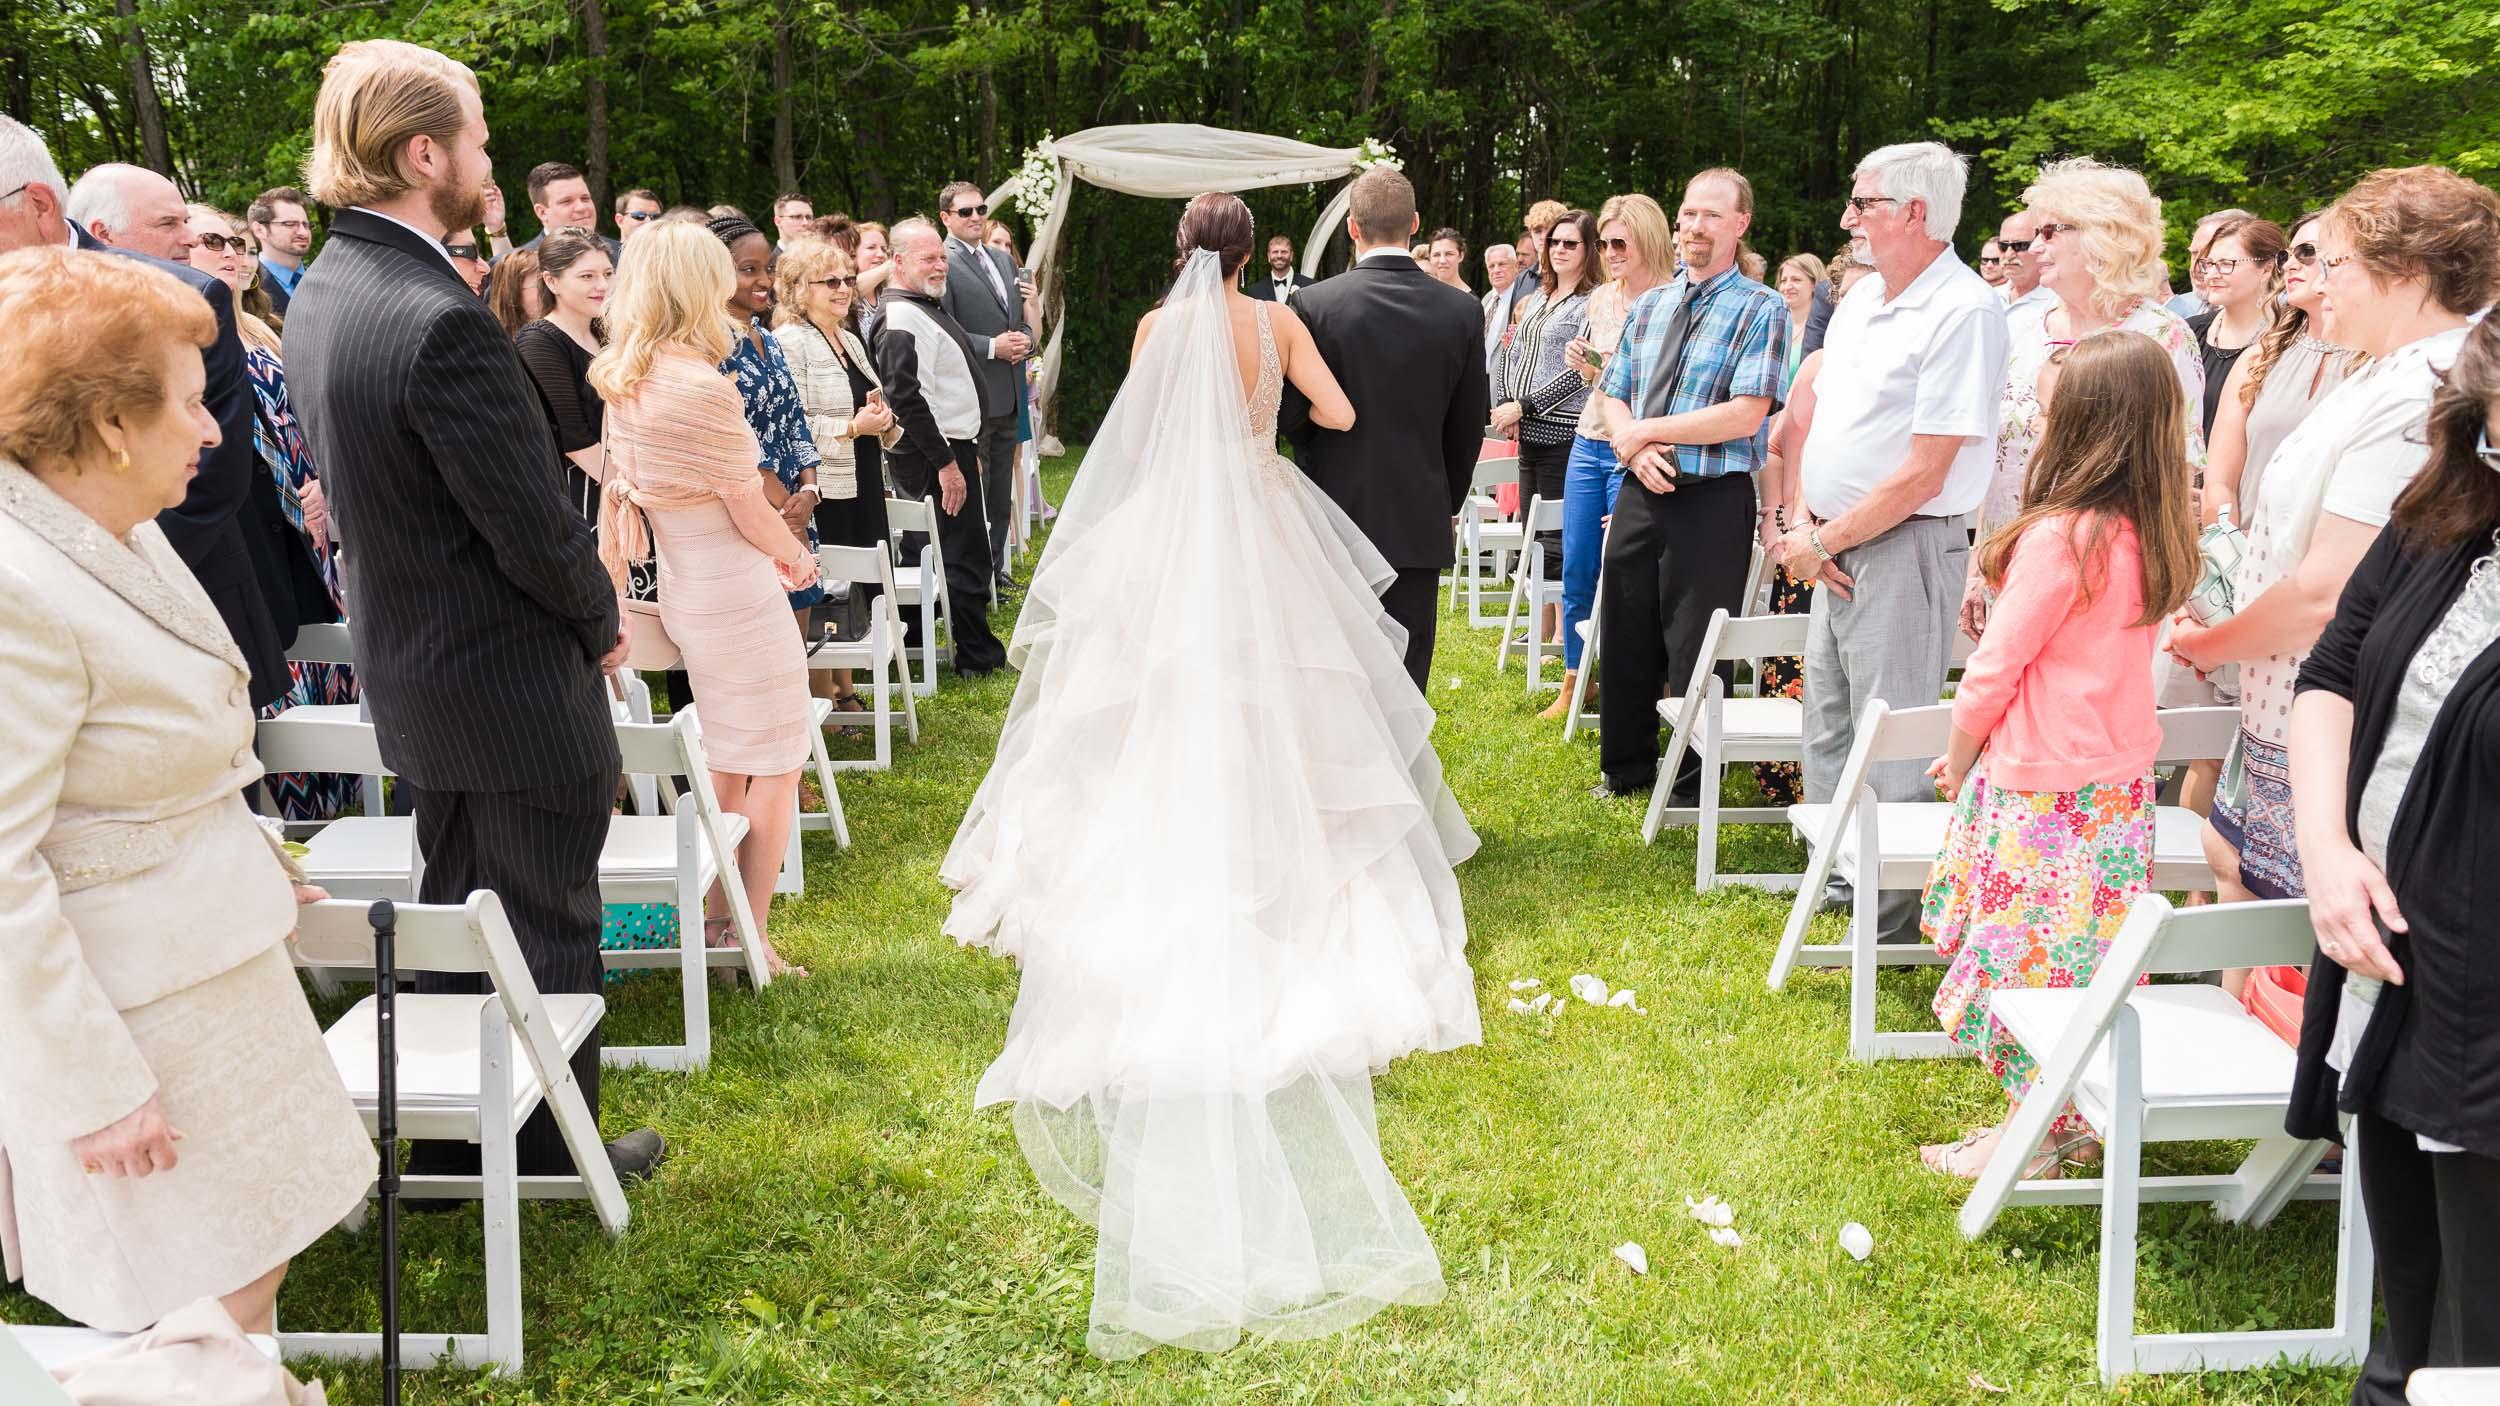 Wedding-outdoor-ceremony-4.jpg